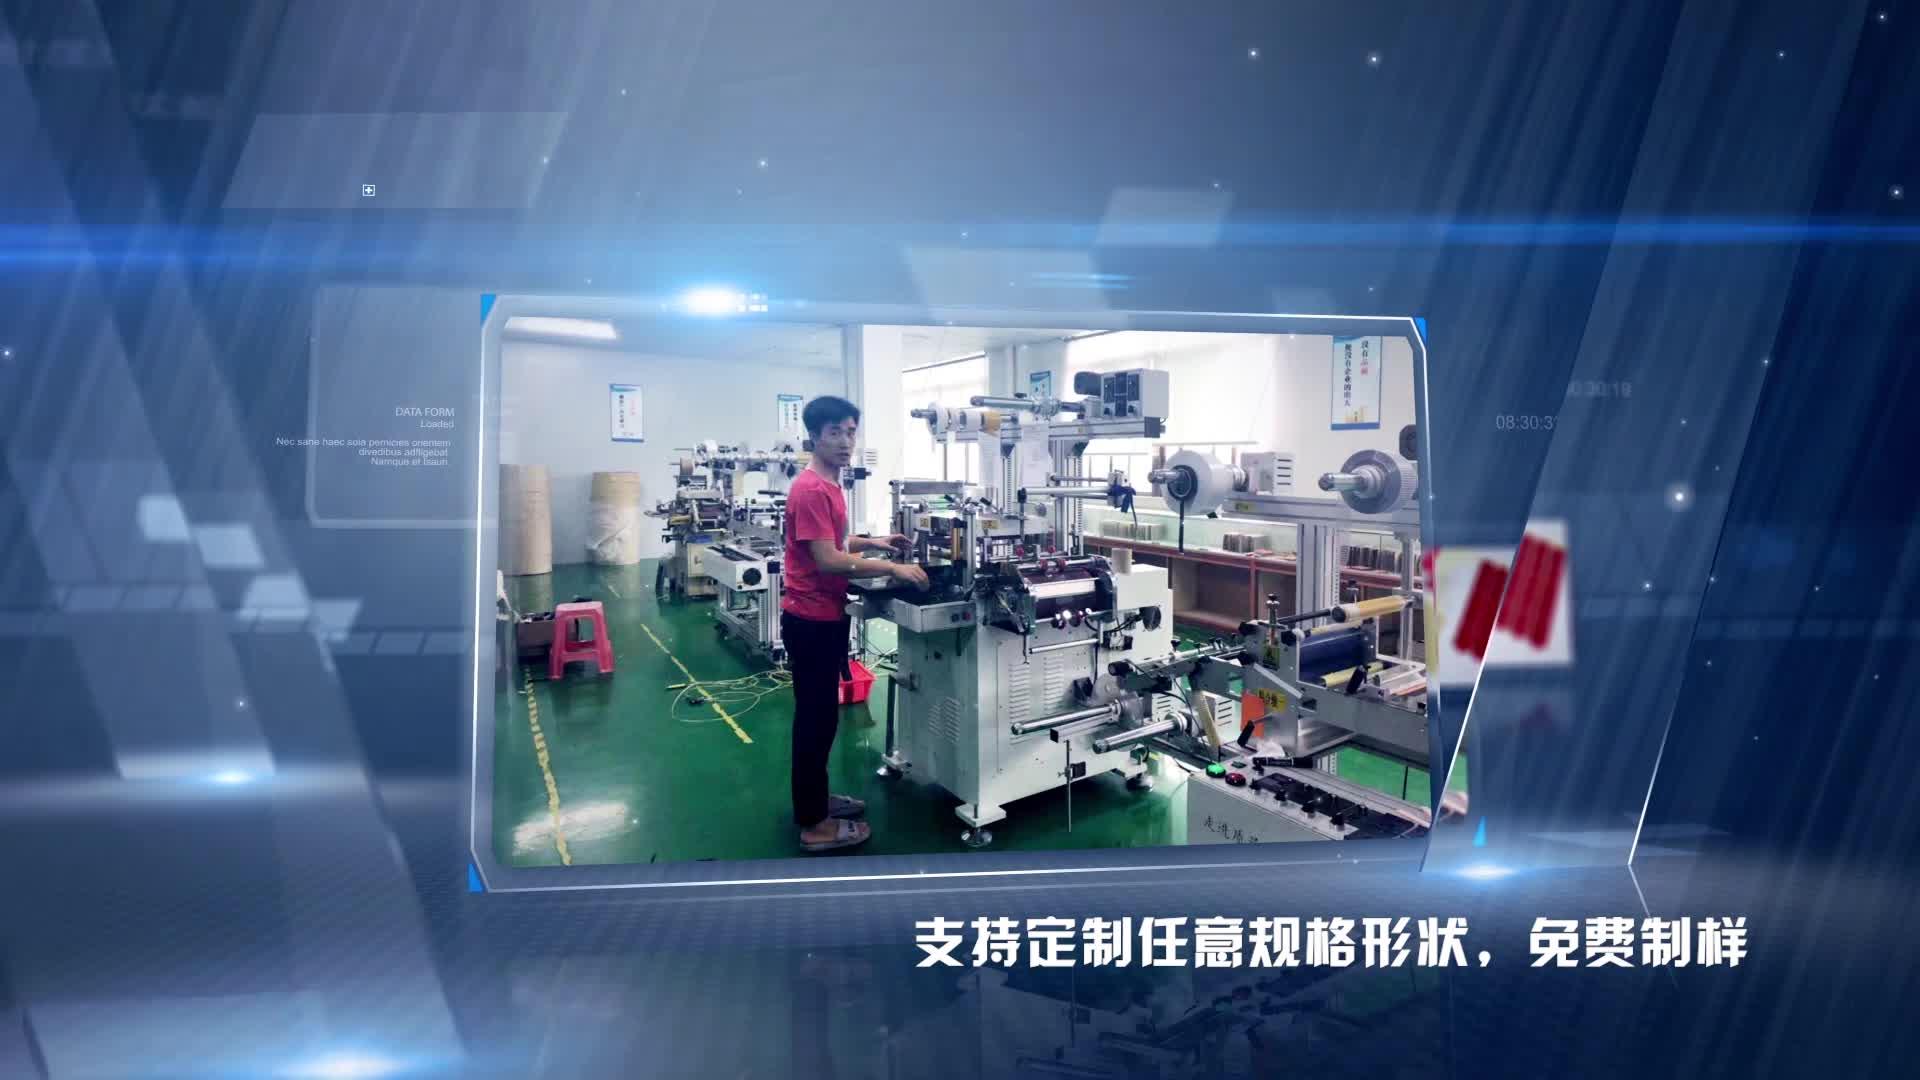 厂家直销小物件固定3RM单面胶强力单面胶带密封减震固定3EM双面胶